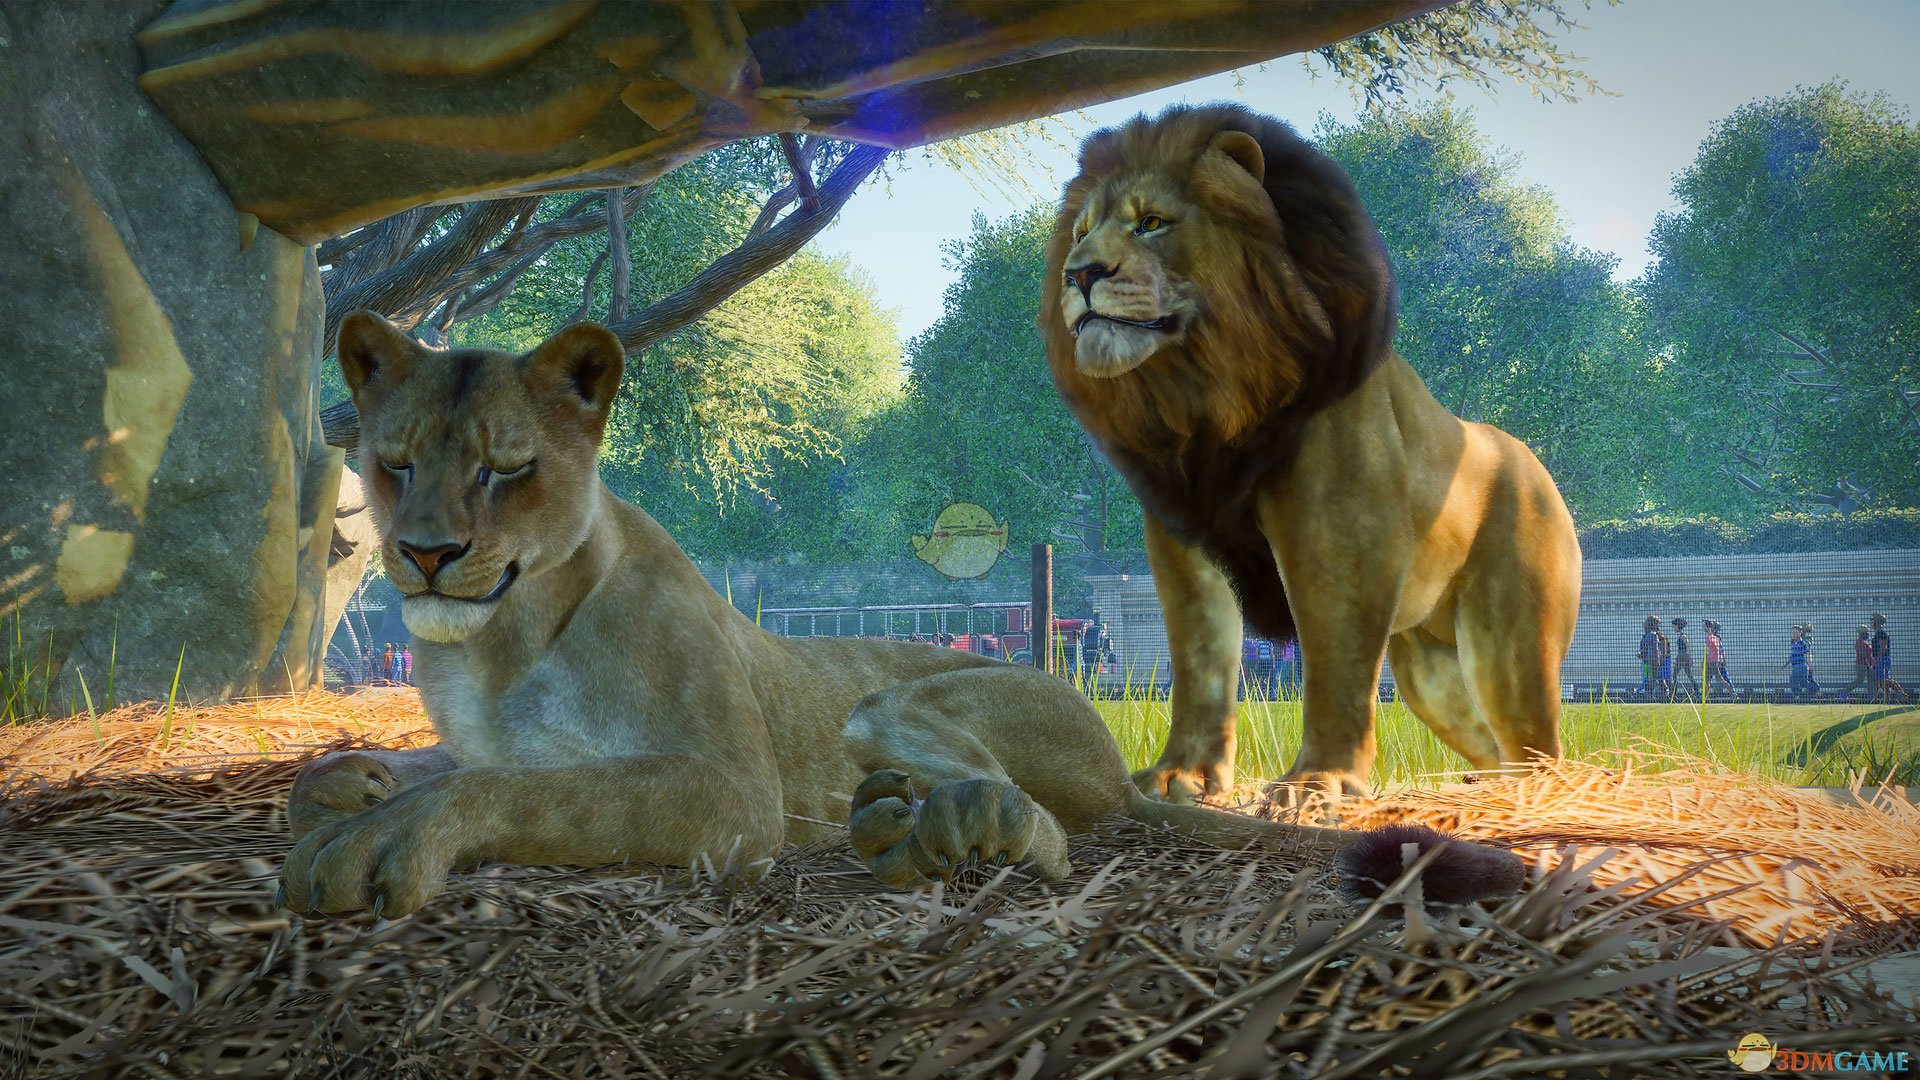 最新虚空恐惧最大的样子_动物园之星狮子长什么样子_PlanetZoo狮子动物外观一览_3DM单机